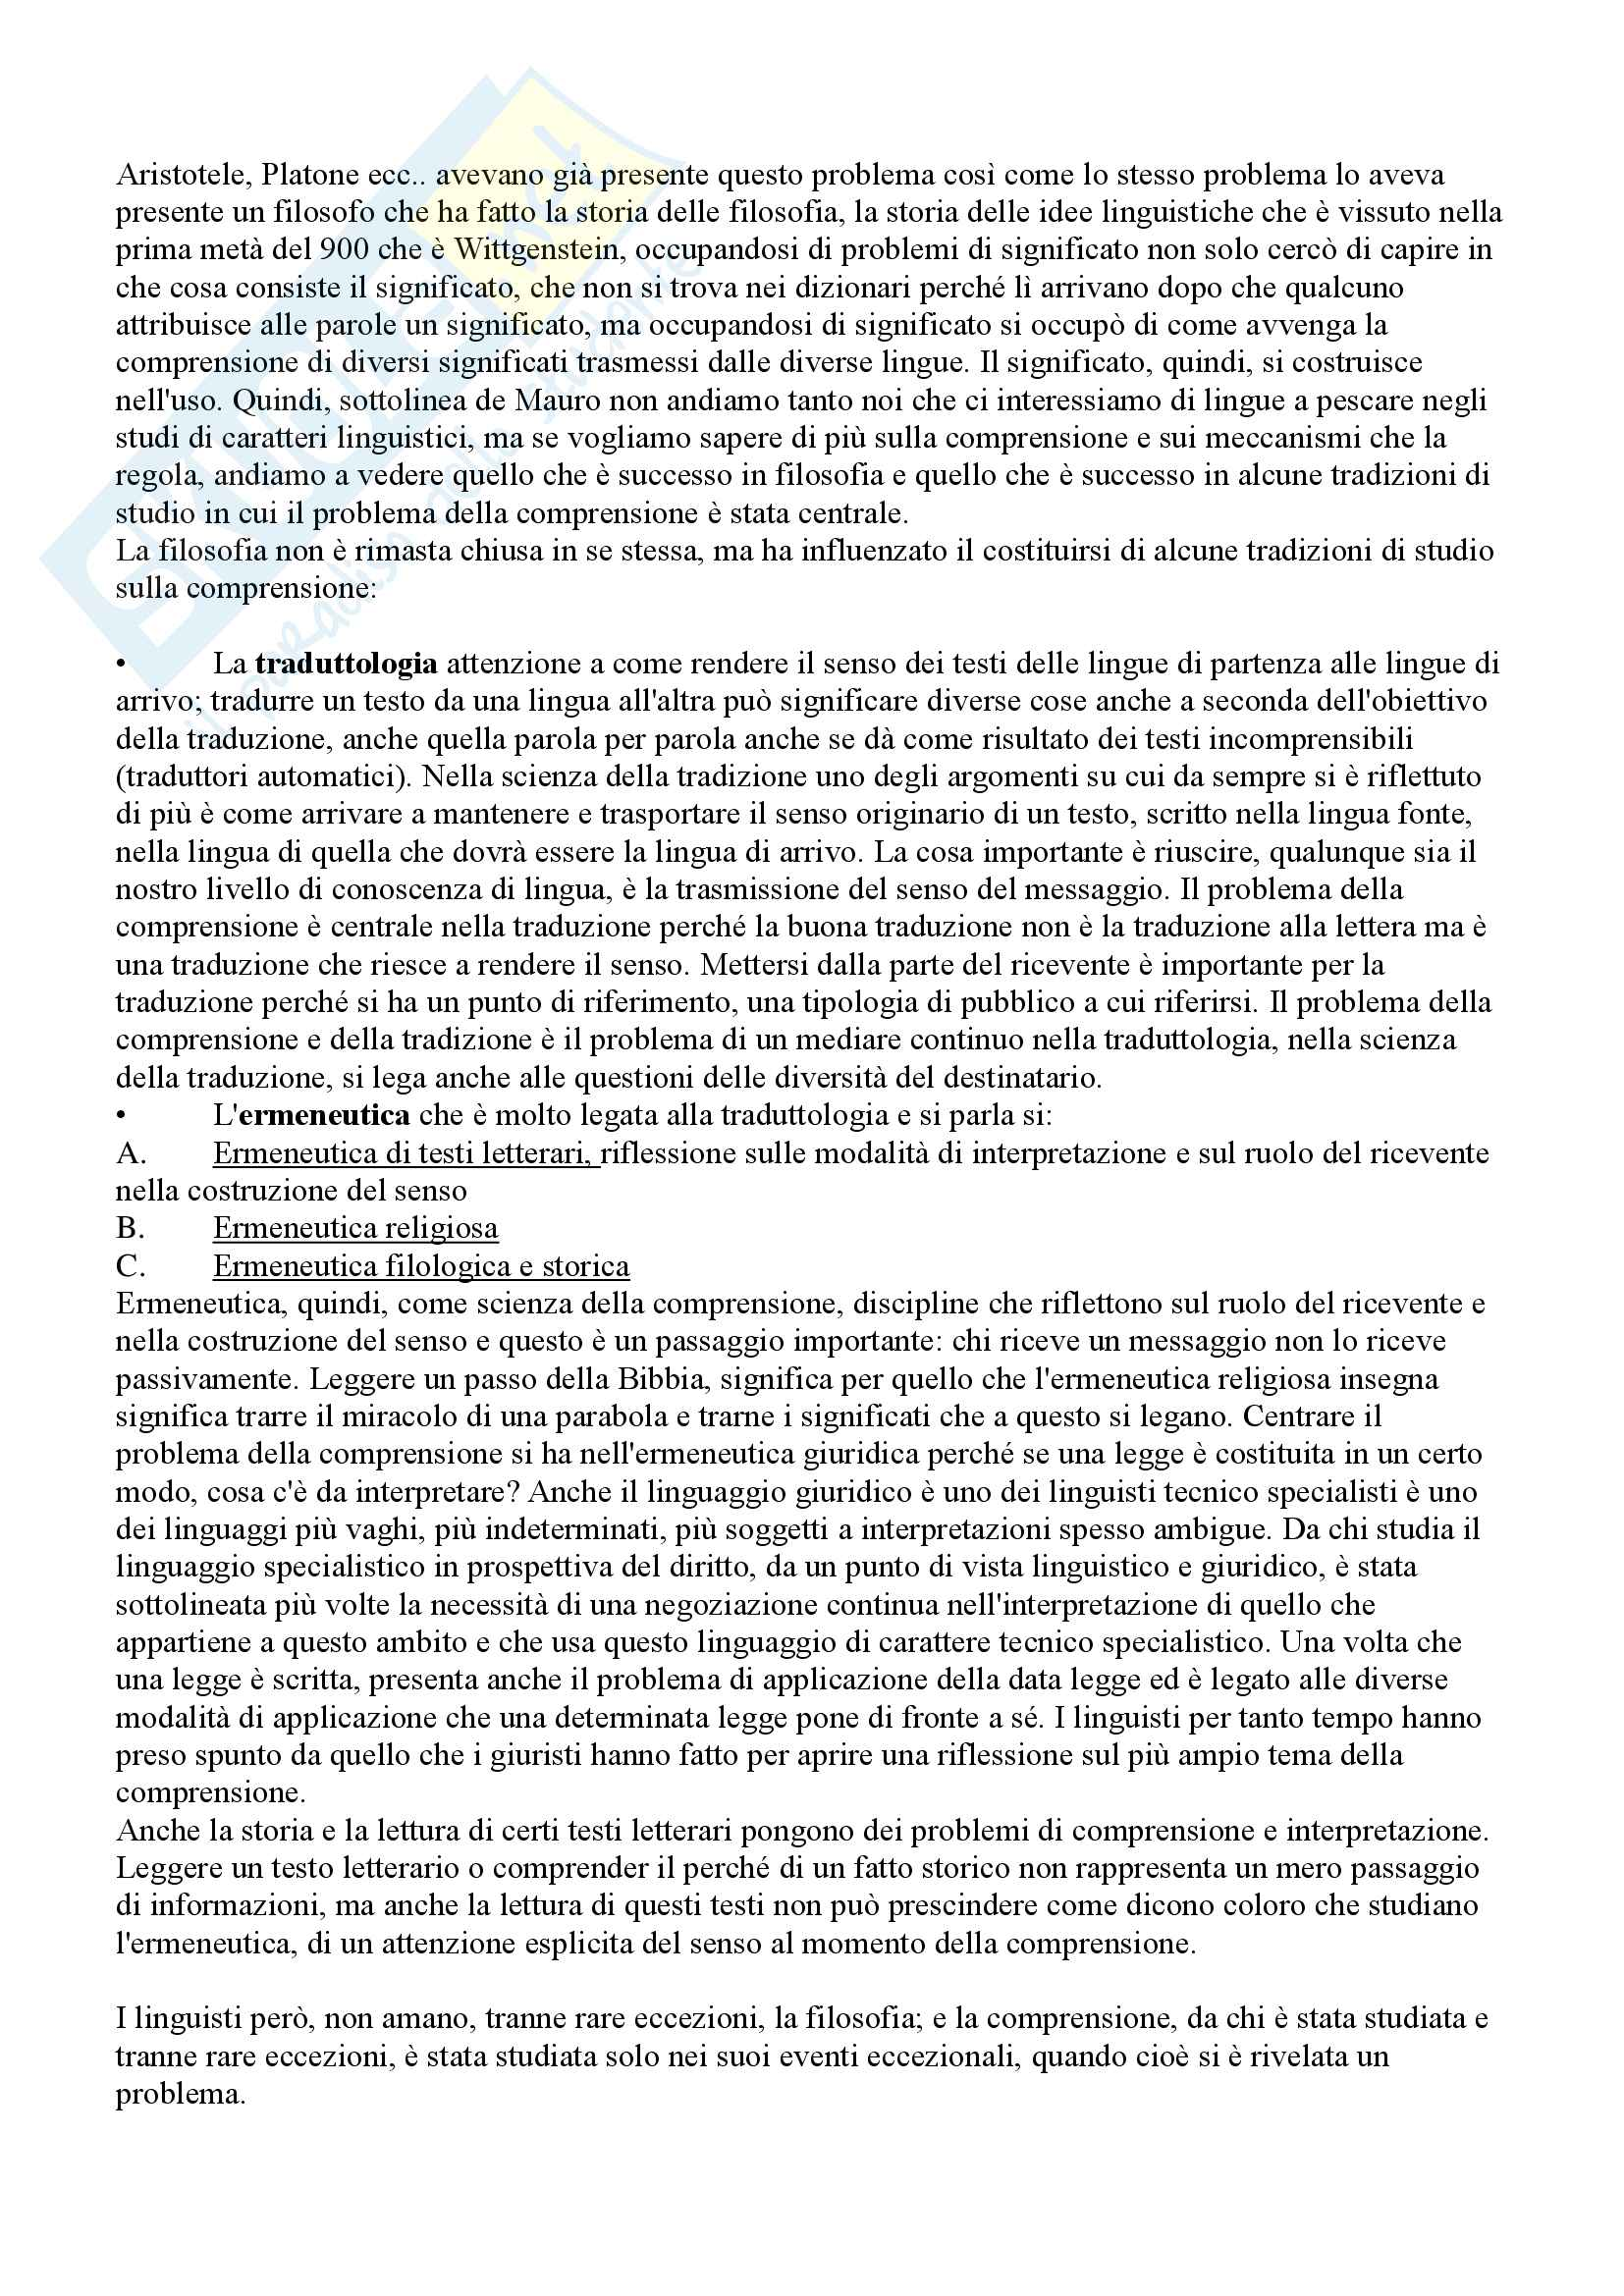 Appunti completi esame Teoria della mediazione, prof. Machetti, prof. Bagna Pag. 6